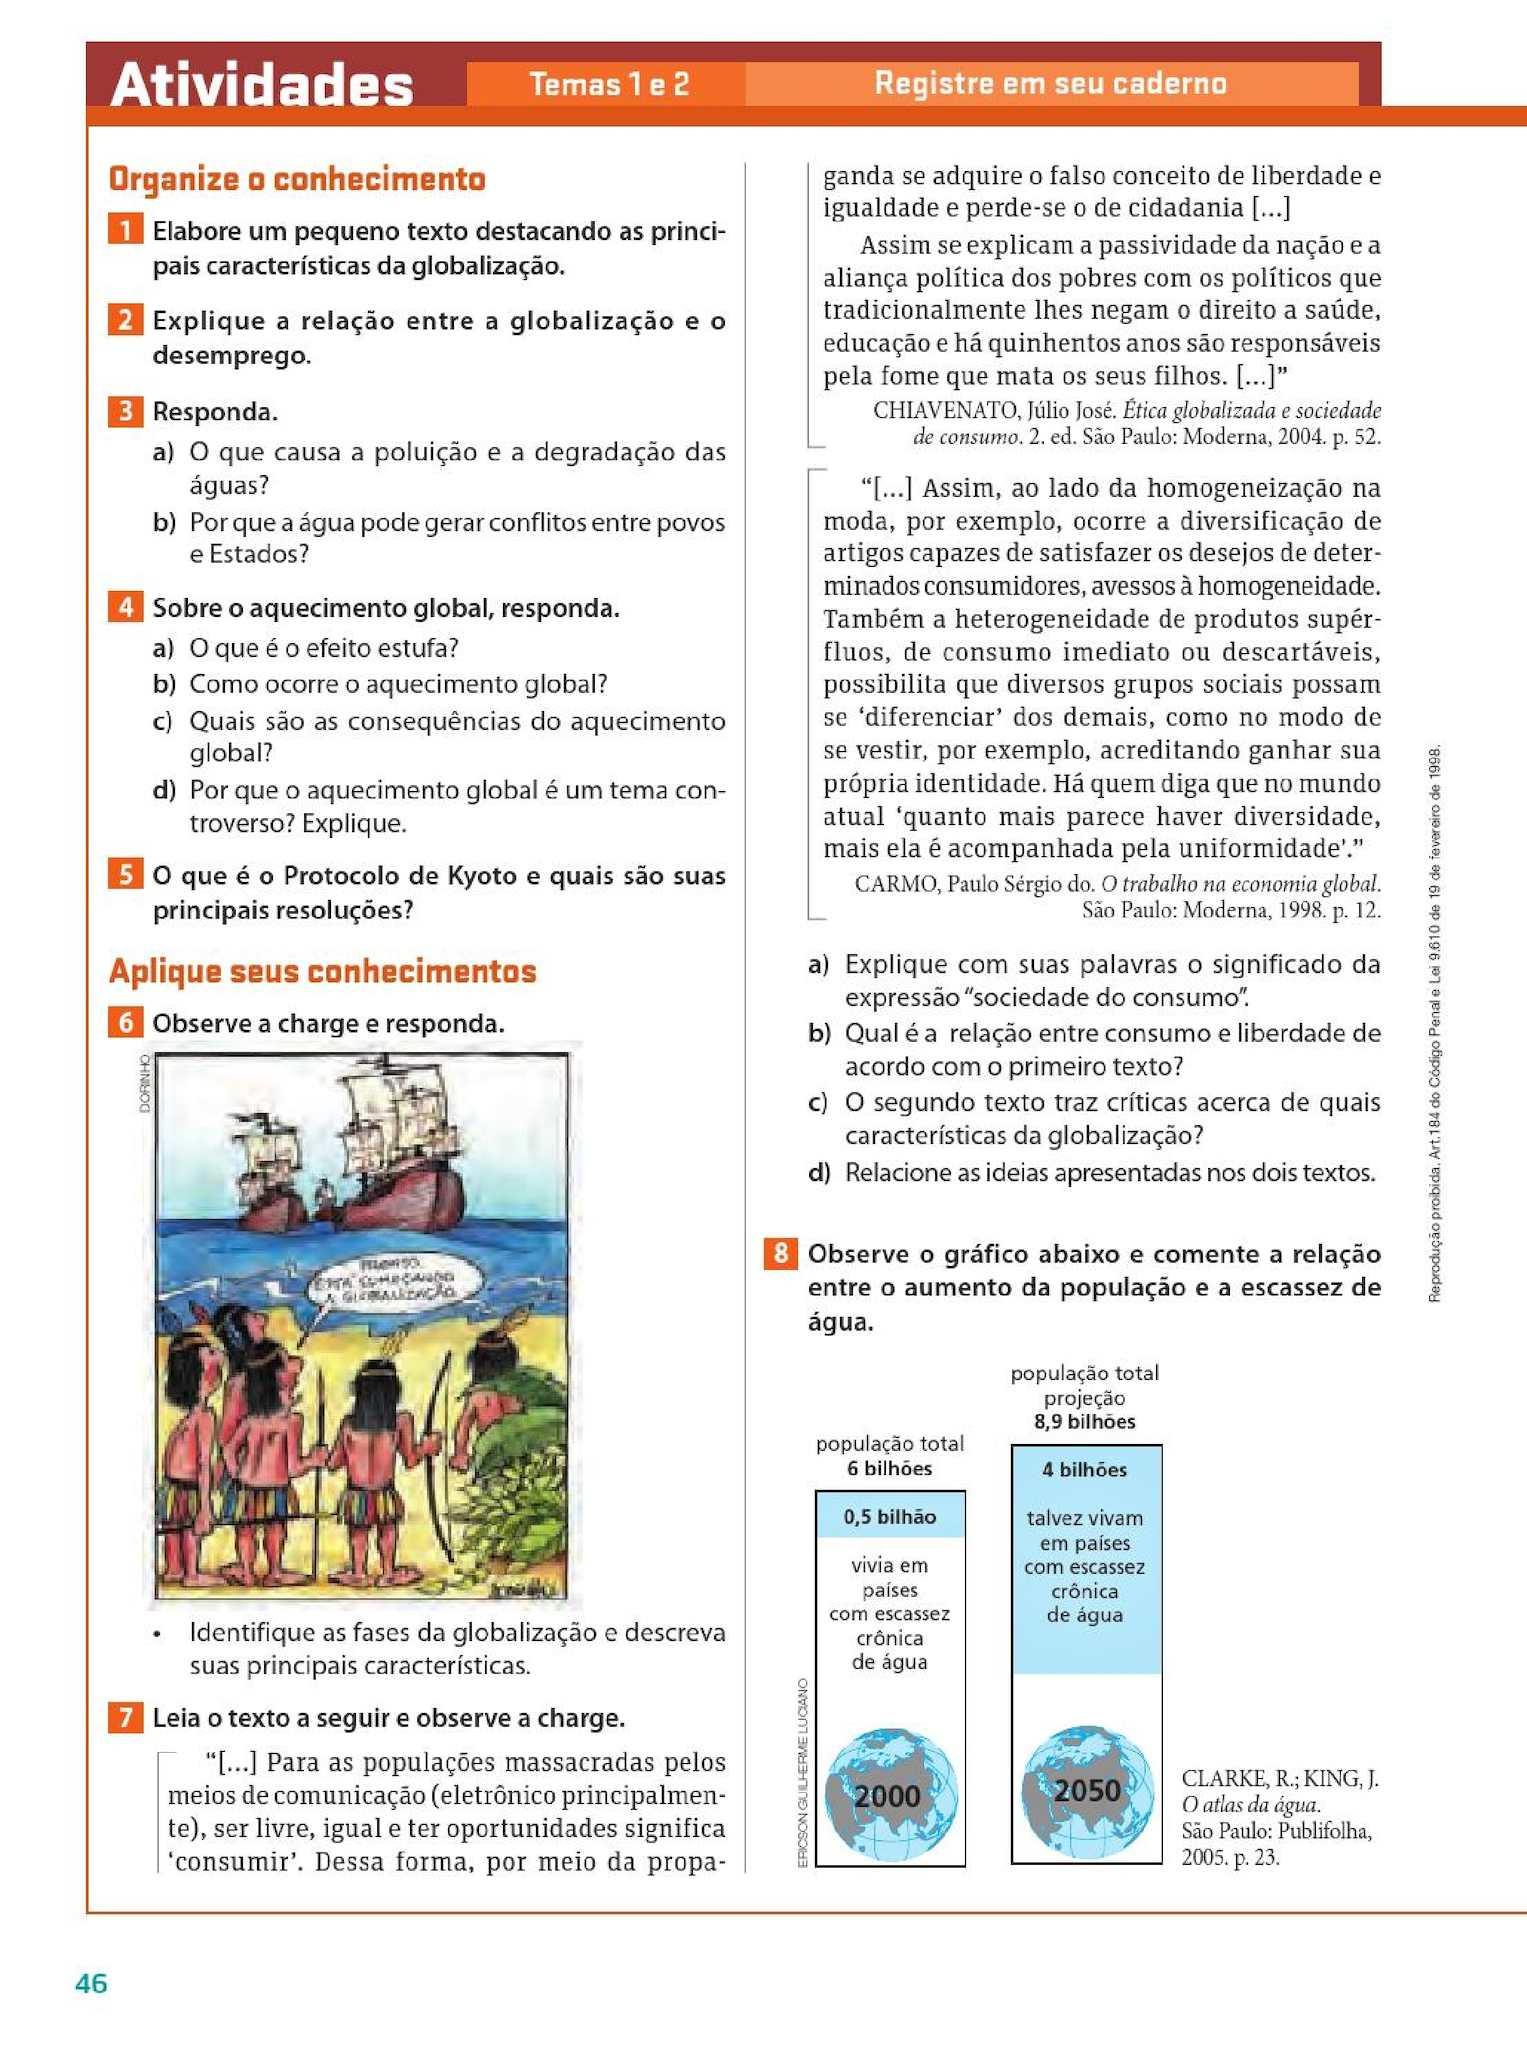 2012 AQUECIMENTO DOWNLOAD GRÁTIS DA SANFONA